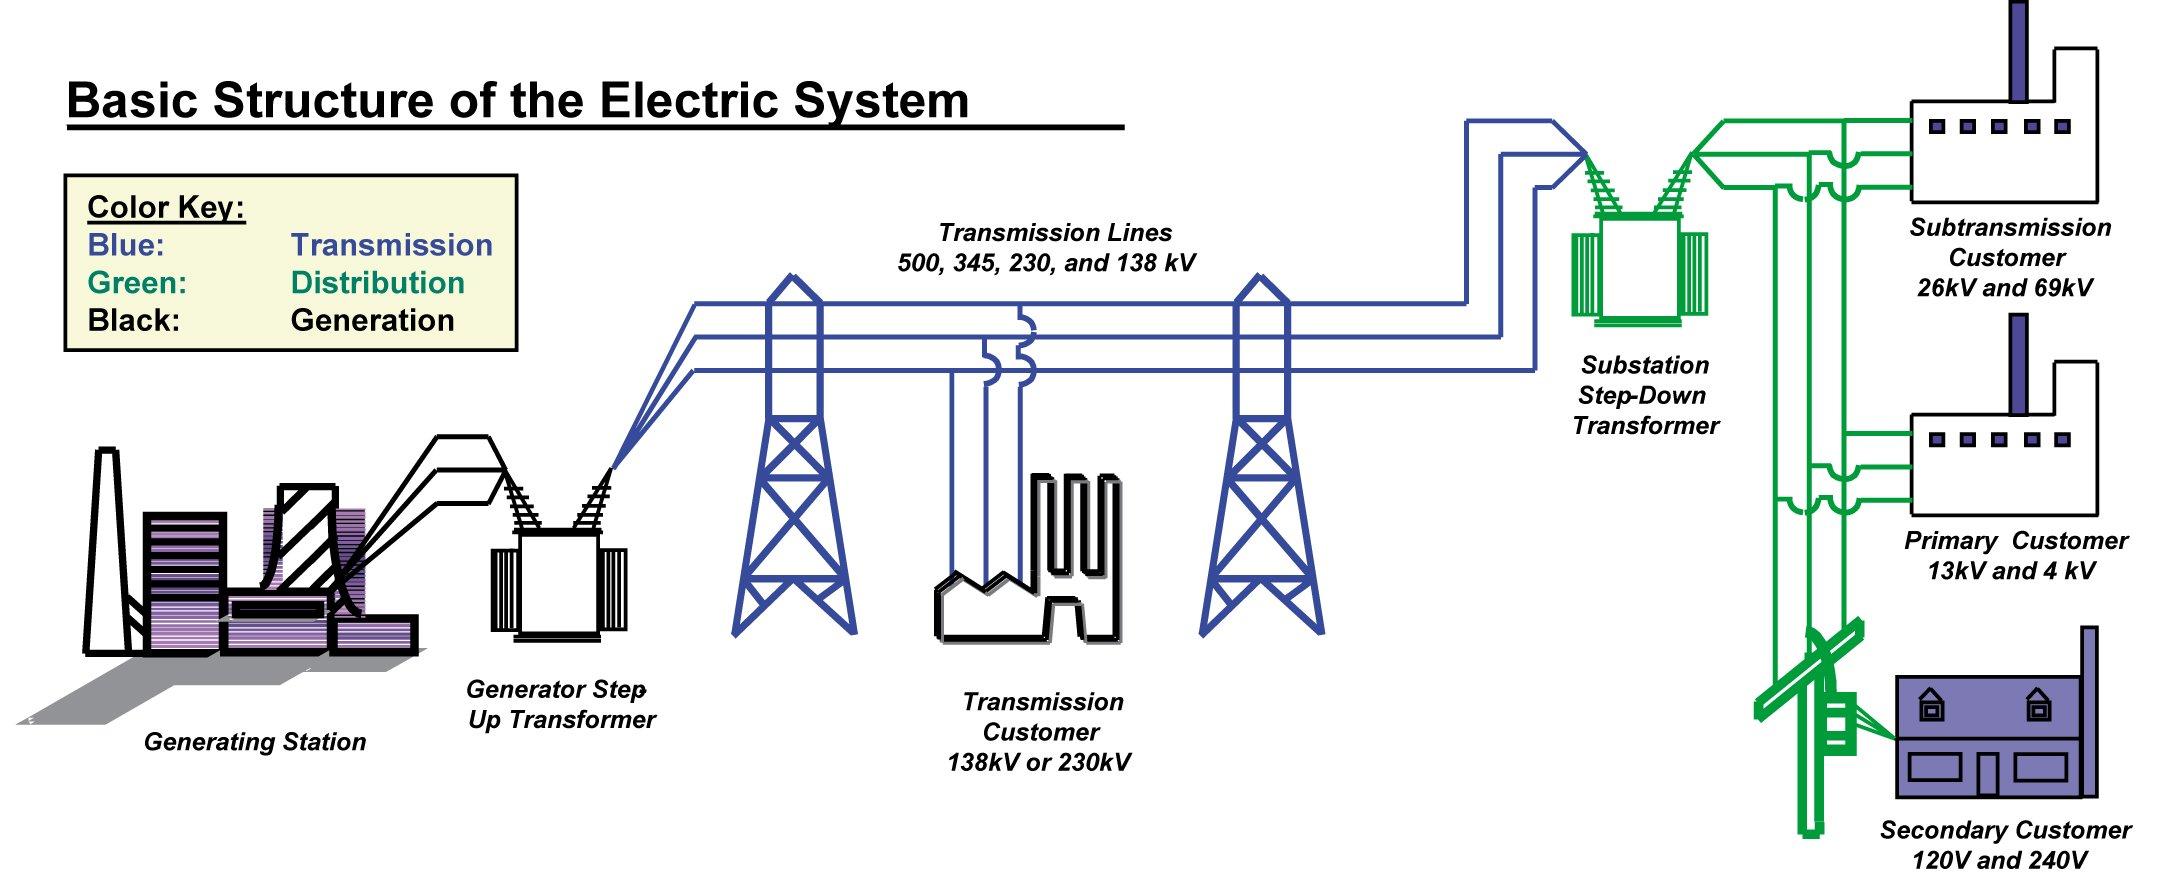 Struttura del tradizionale sistema di trasmissione e distribuzione dell'energia elettrica